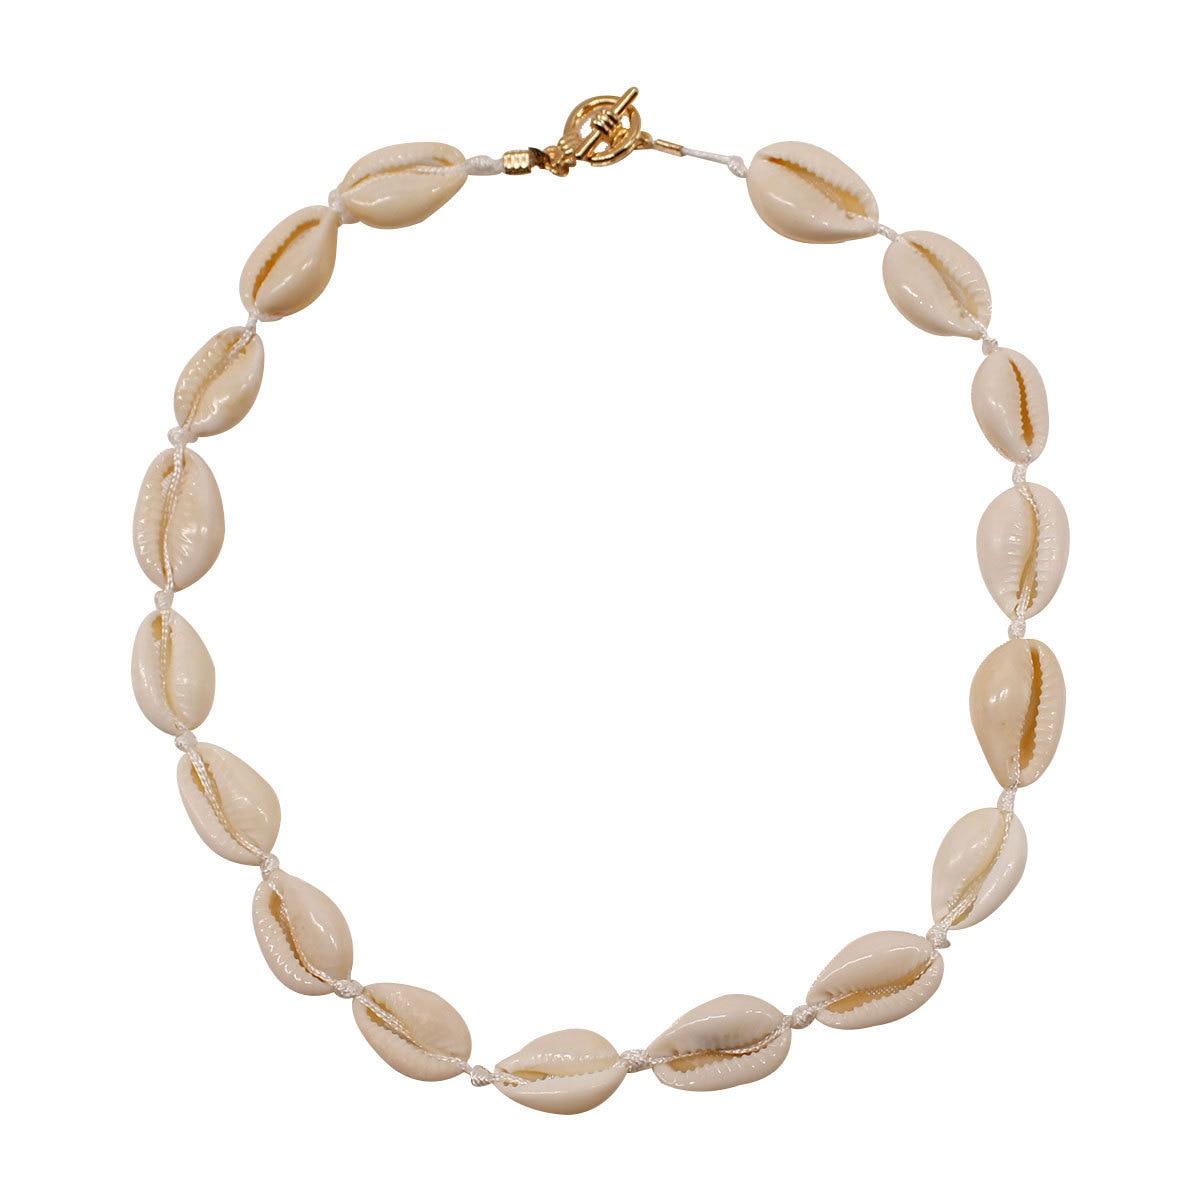 Bohemian Jewelry Shell Choker Necklace Women Fashion Personality Handmade Rope Chain XL404